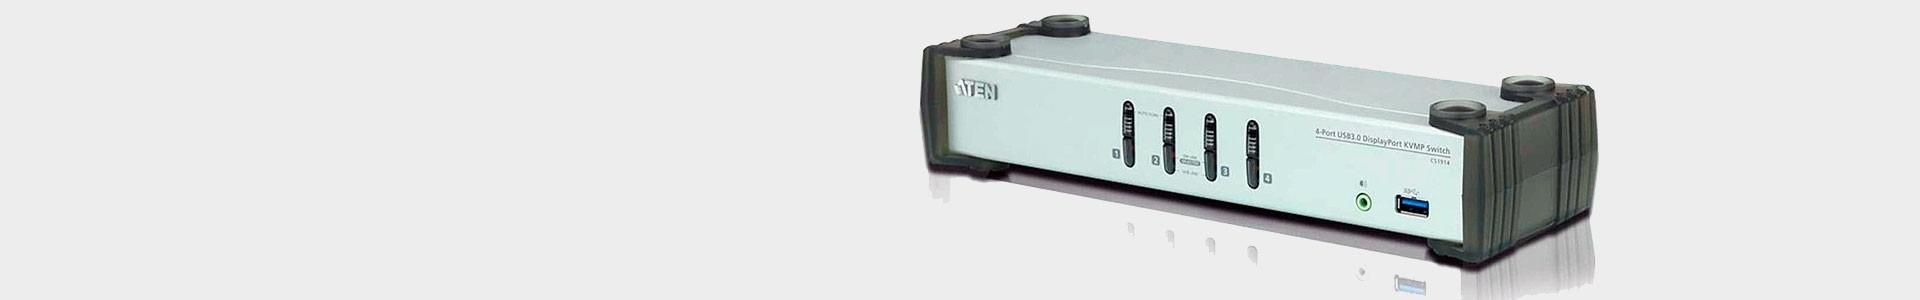 Conmutadores KVM - Mejores marcas al mejor precio - Avacab